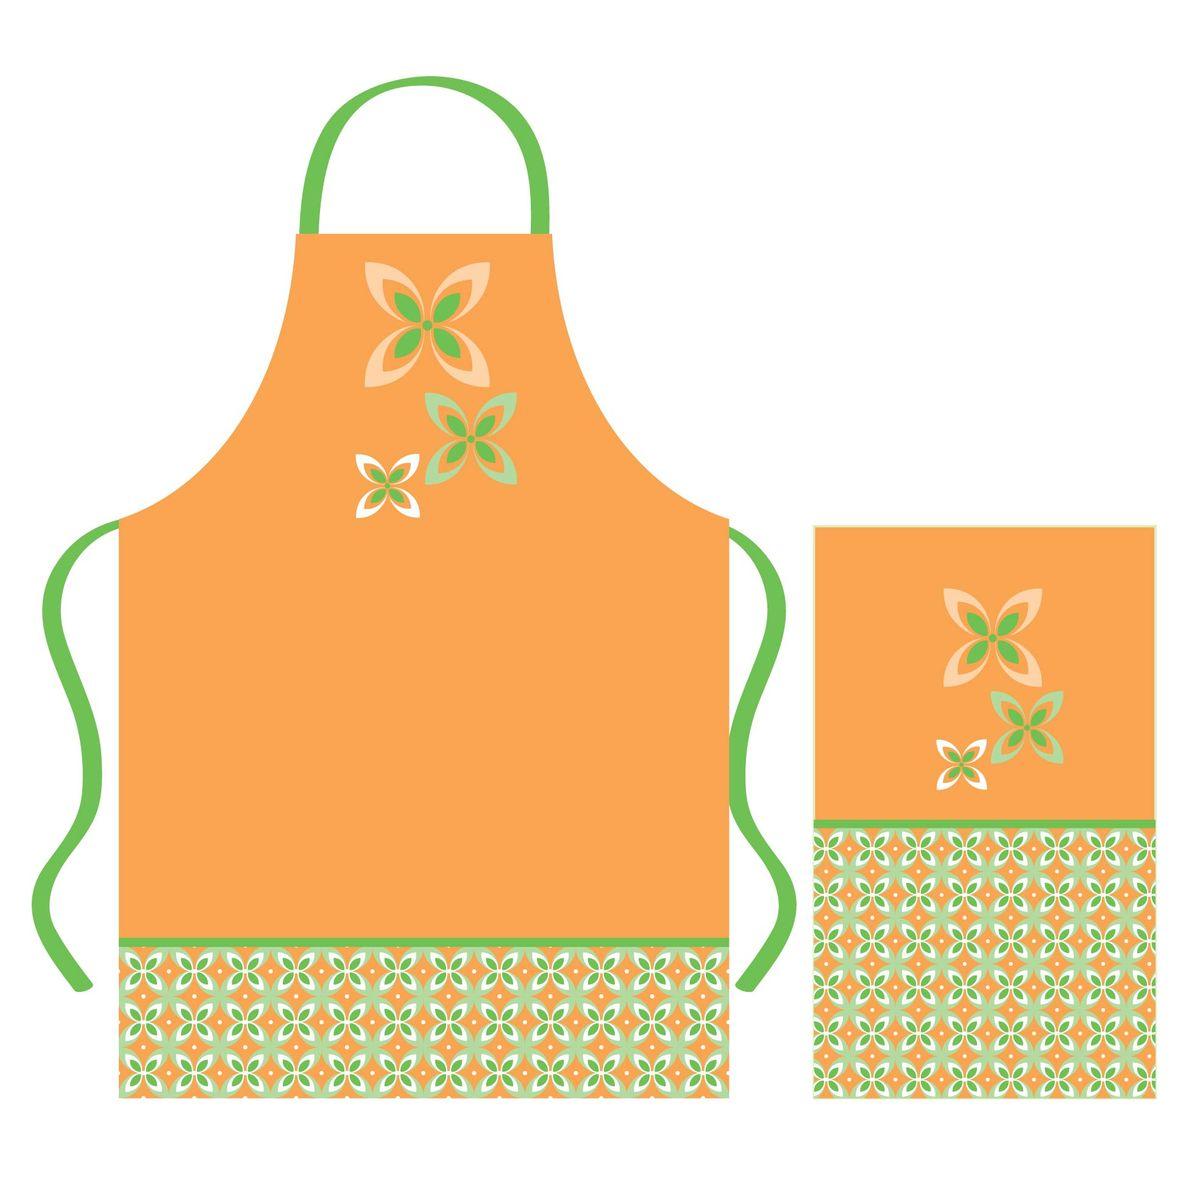 Набор кухонного текстиля Home Queen Cooking time: фартук, полотенцеKGB GX-3Набор кухонного текстиля Home Queen Cooking time, состоящий из фартука и полотенца, выполнен из 100% хлопка и украшен оригинальным принтом.Фартук на завязках вокруг талии. Такой набор украсит интерьер вашей кухни и внесет яркую ноту в повседневные заботы.